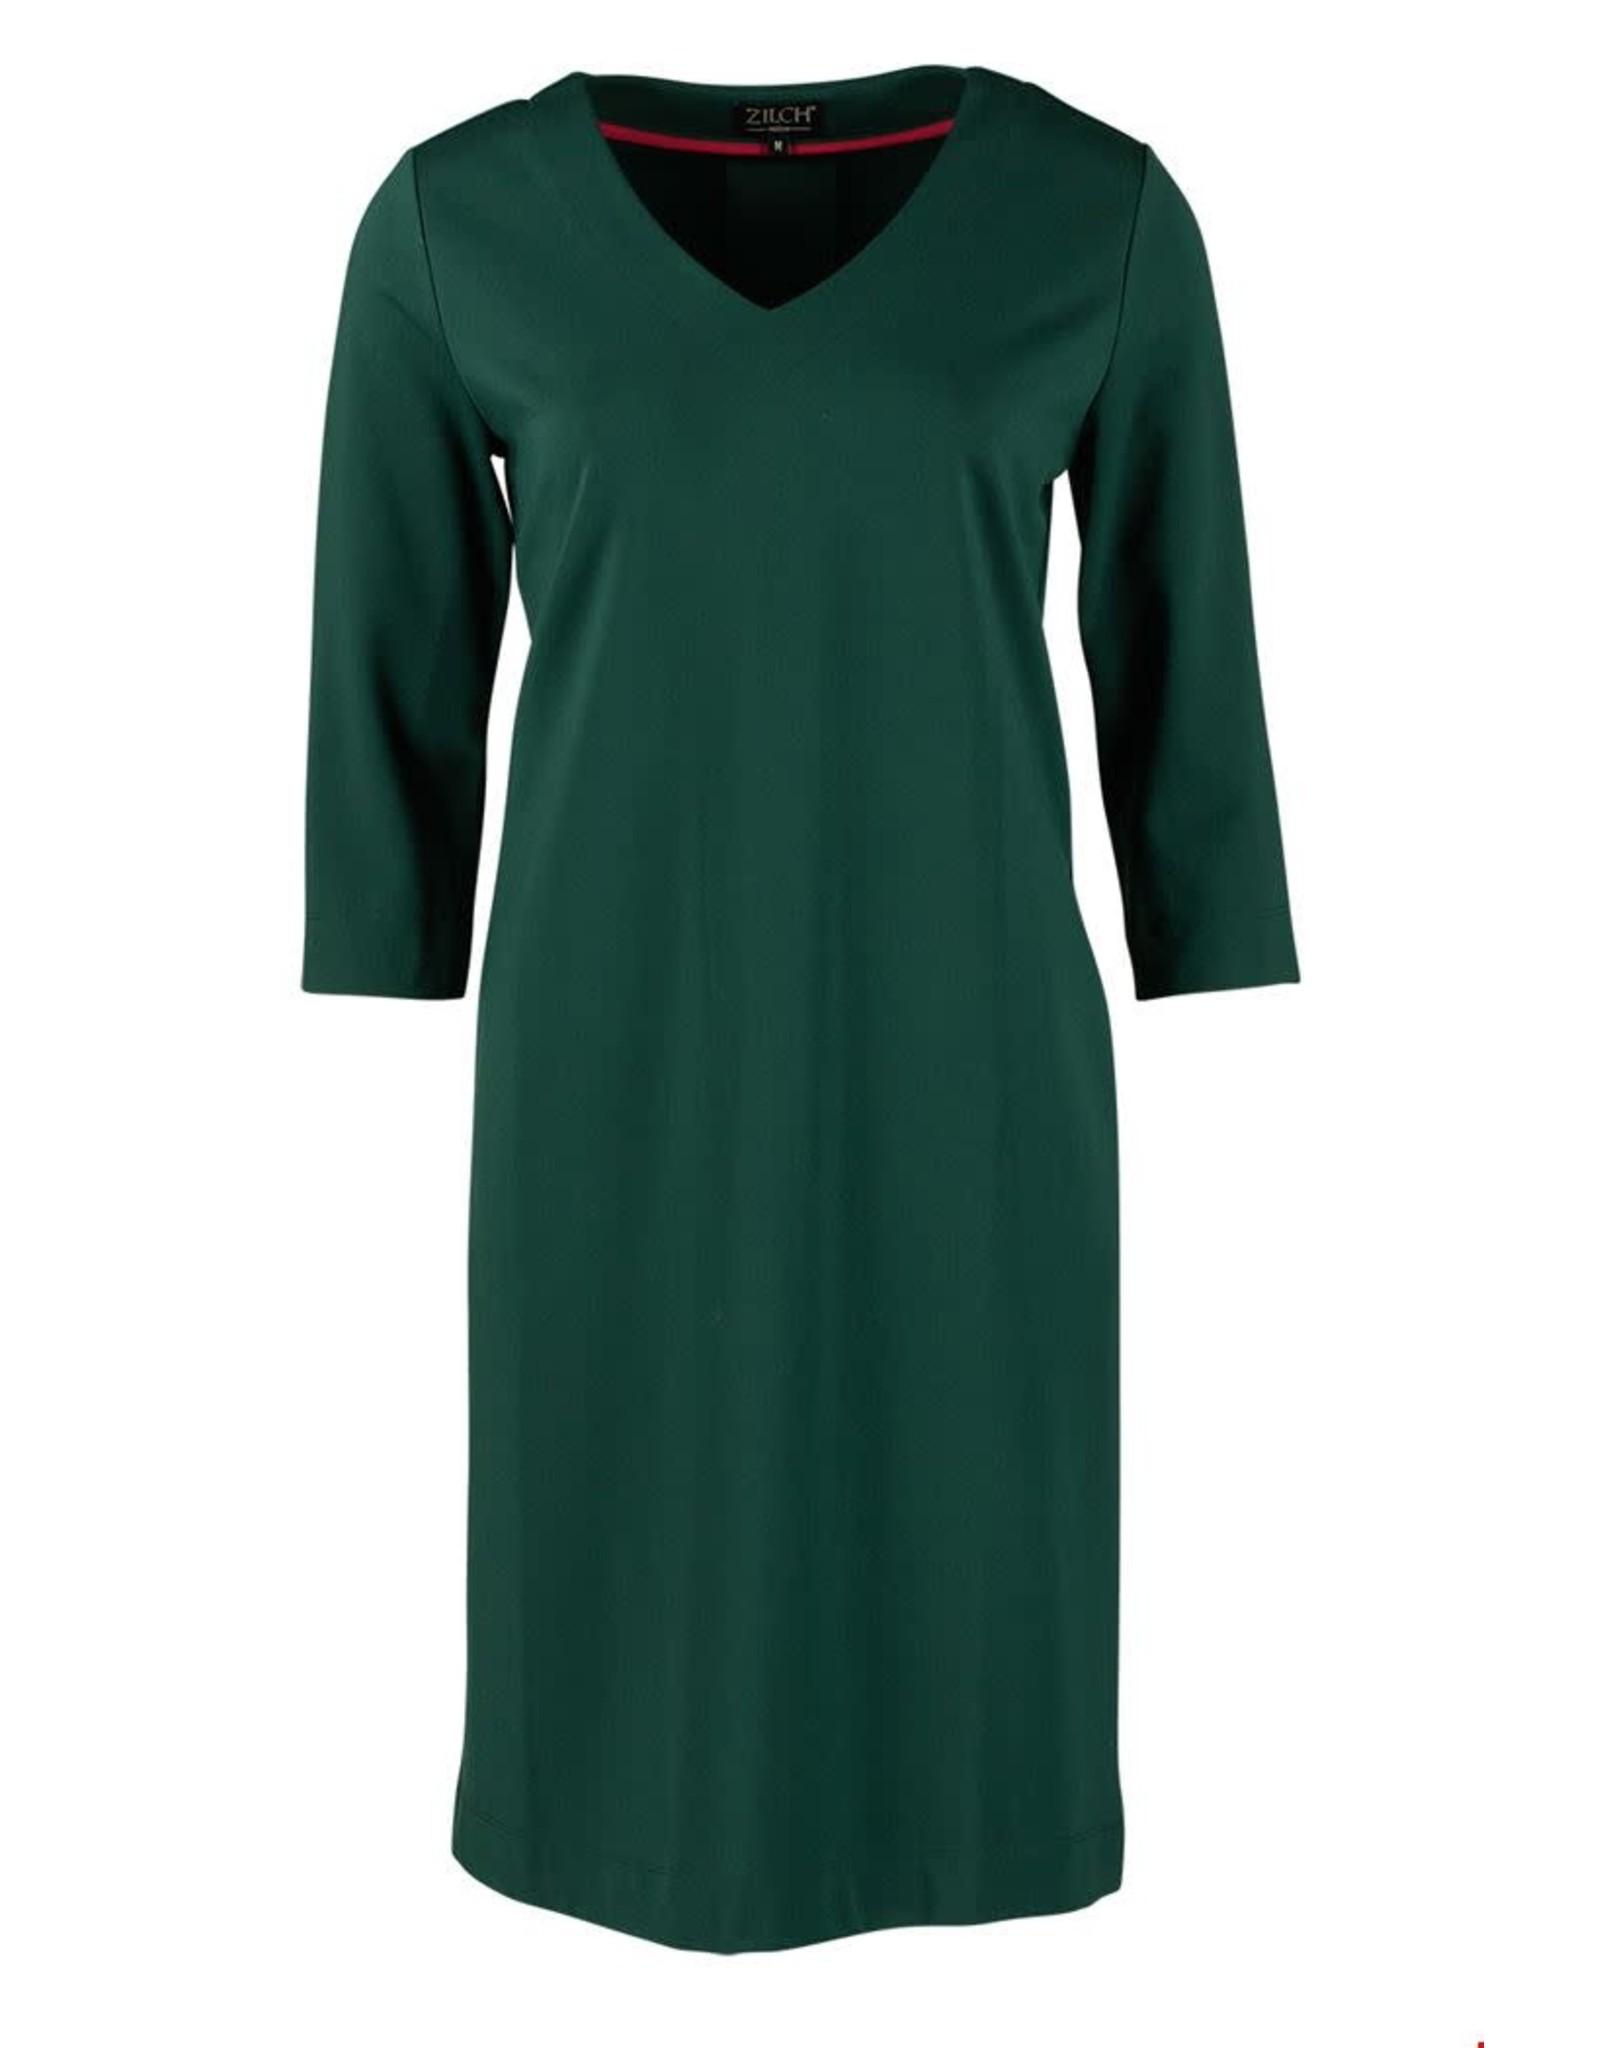 zilch Zilch dress v-neck 02VIN40.132 Forest 008